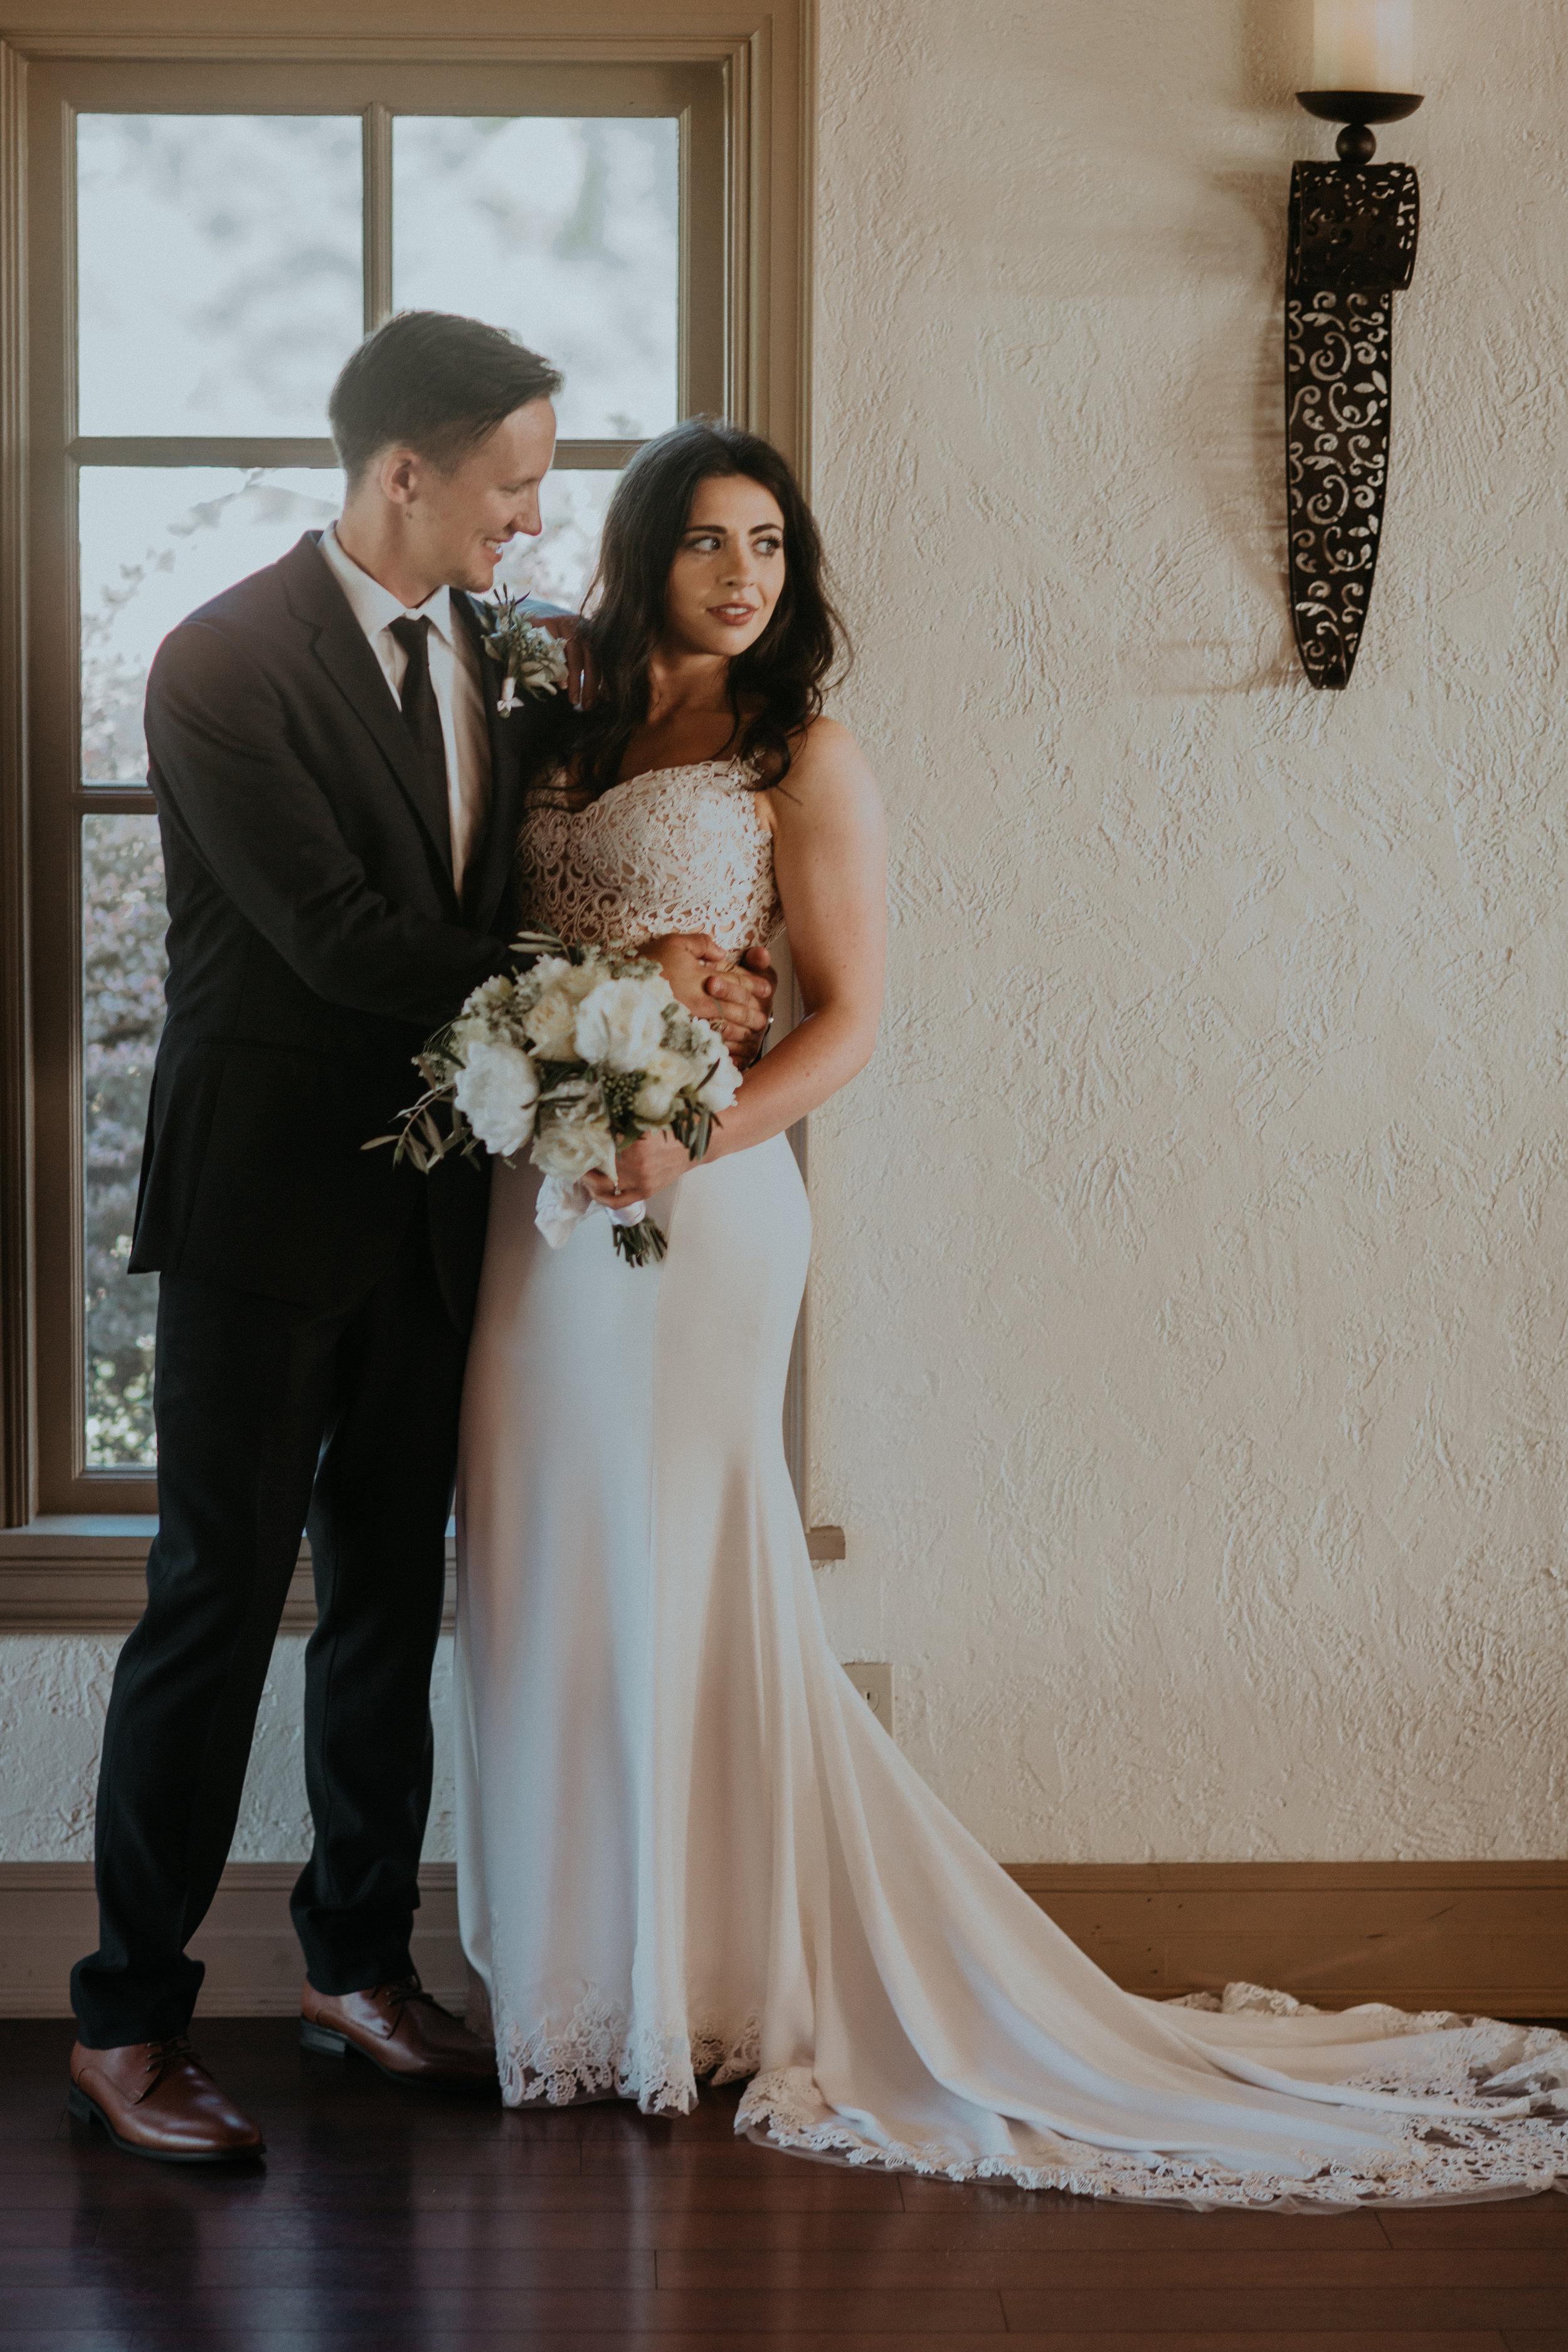 Laurel_Creek_Manor_Sumner_Washington_Wedding_Makenzie+Clark-453.jpg